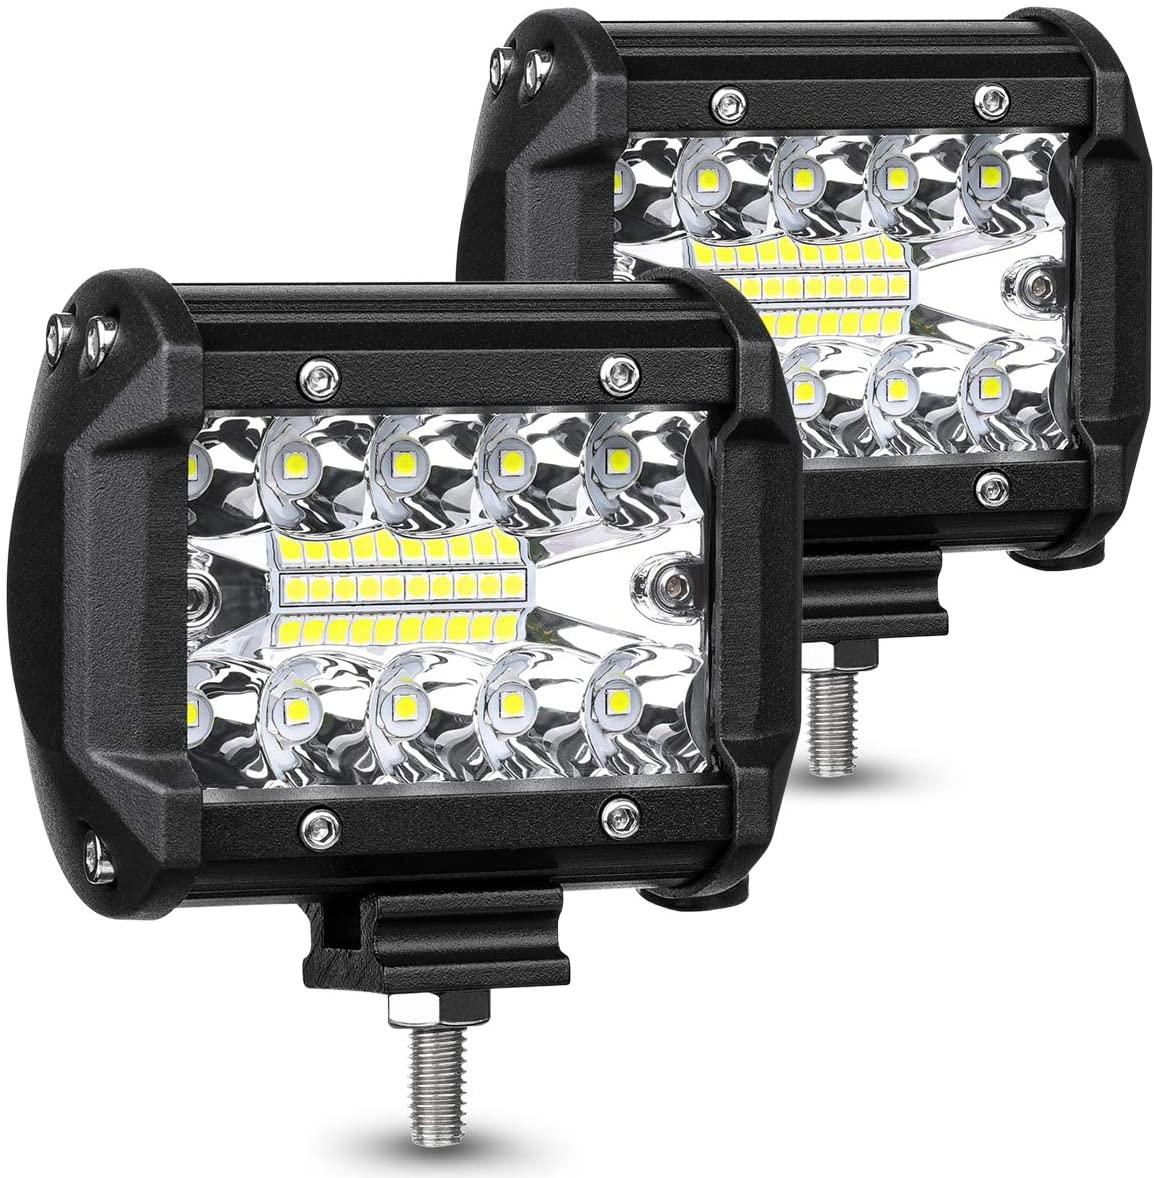 Led Light Bar / Led Spot Light LED Pods Light Bar 4-Inch 120-watt 12800-lumen Driving Fog Off Road Lights Triple Row Set Of 2